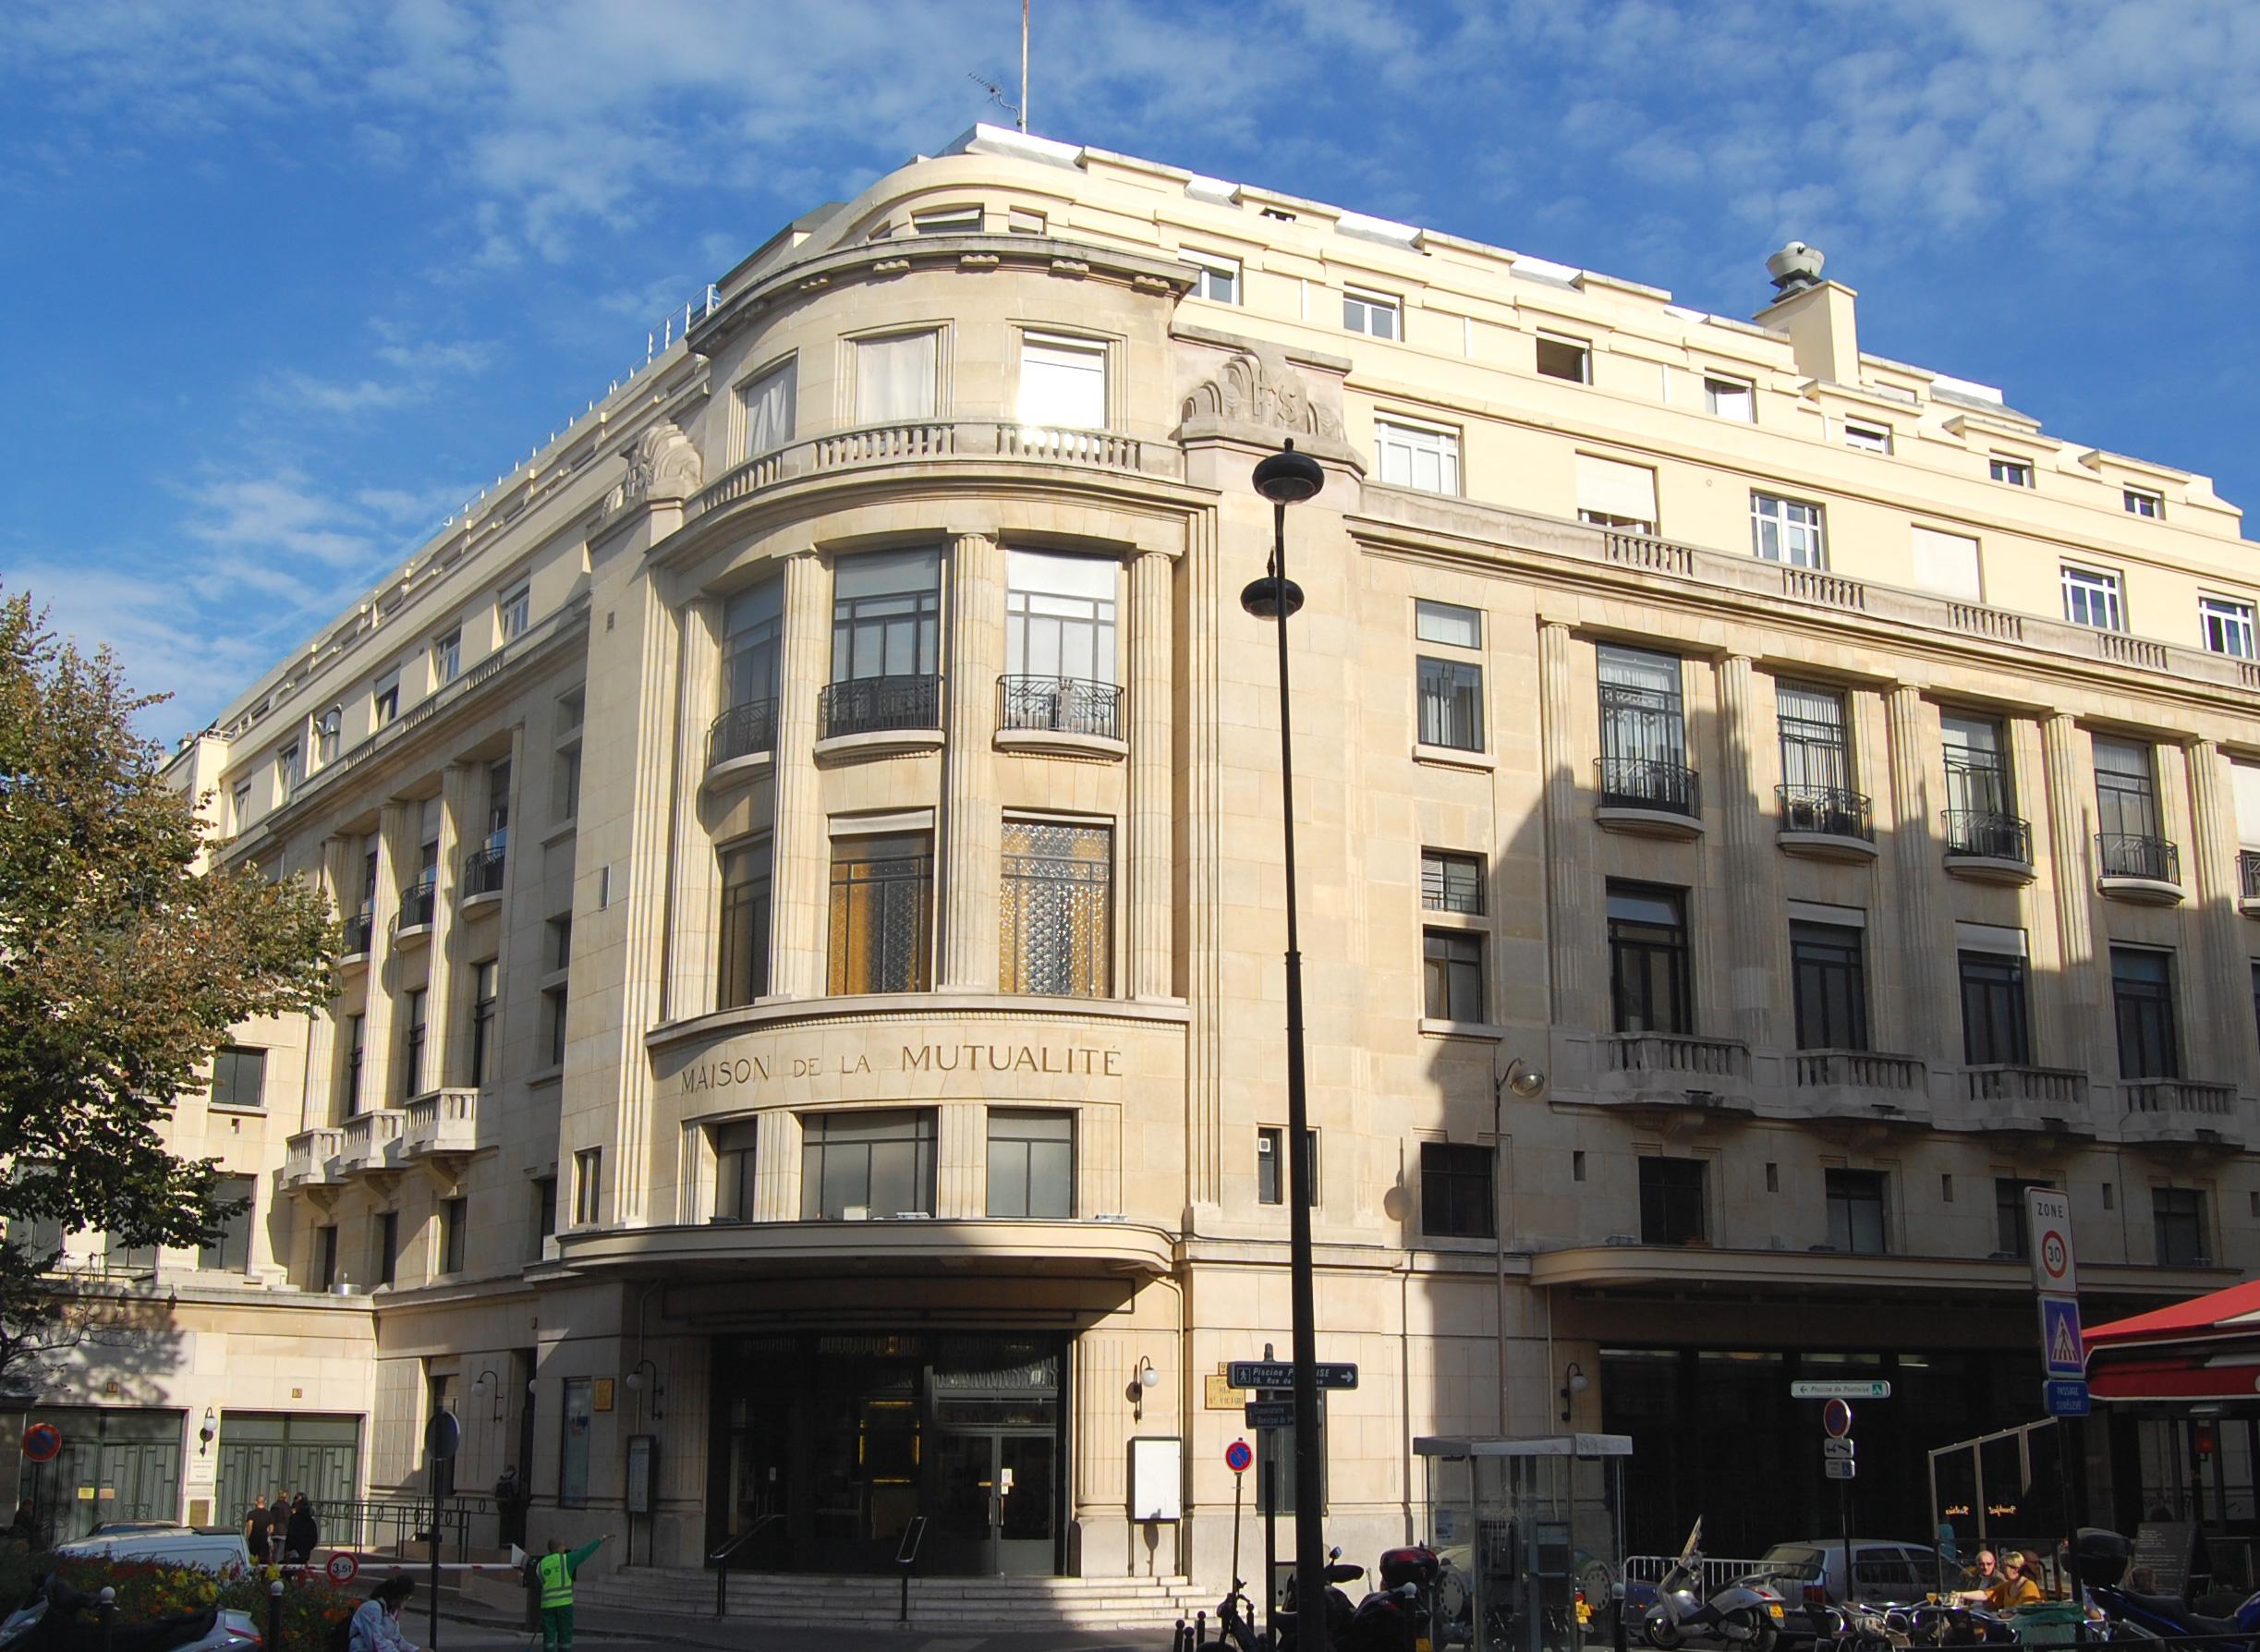 Palais de la mutualit for La maison de will smith